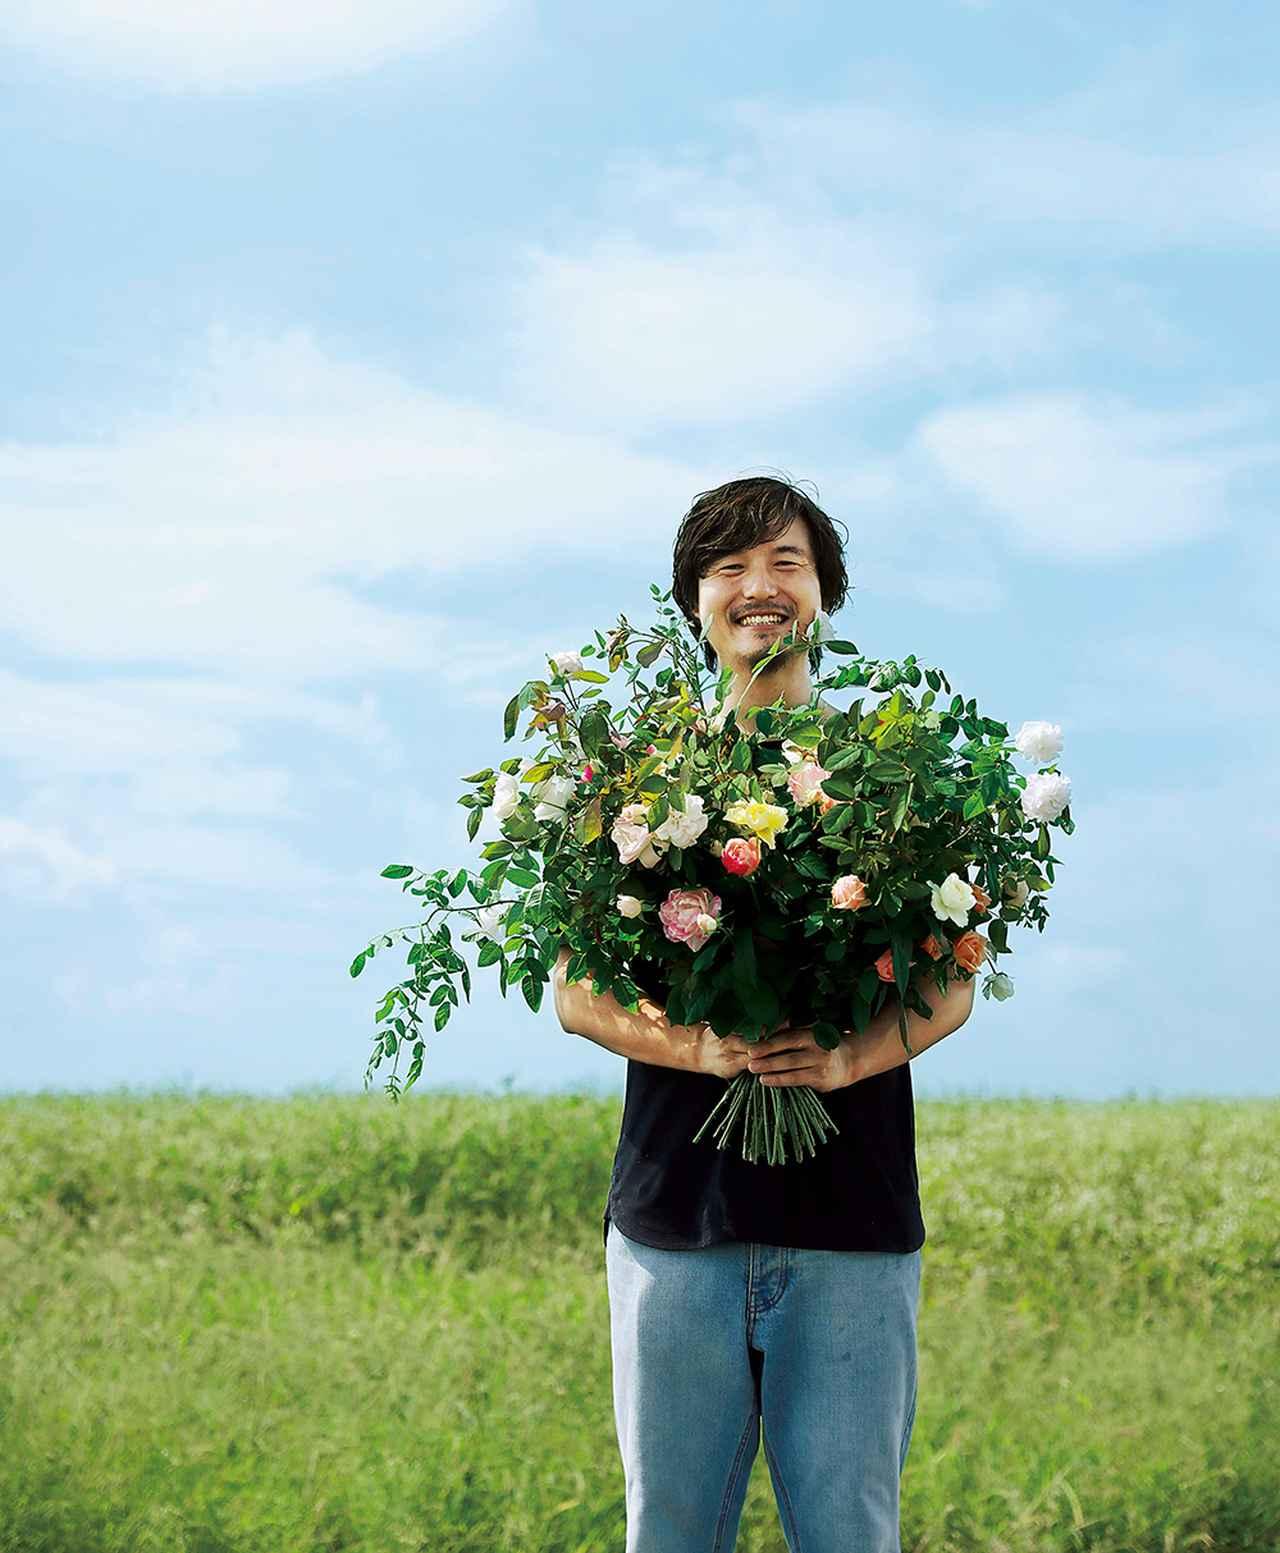 Images : 15番目の画像 - 「Rose Farm KEIJIが 生み出す唯一無二の「和ばら」。 その名前にこめられた想いを紐とく」のアルバム - T JAPAN:The New York Times Style Magazine 公式サイト